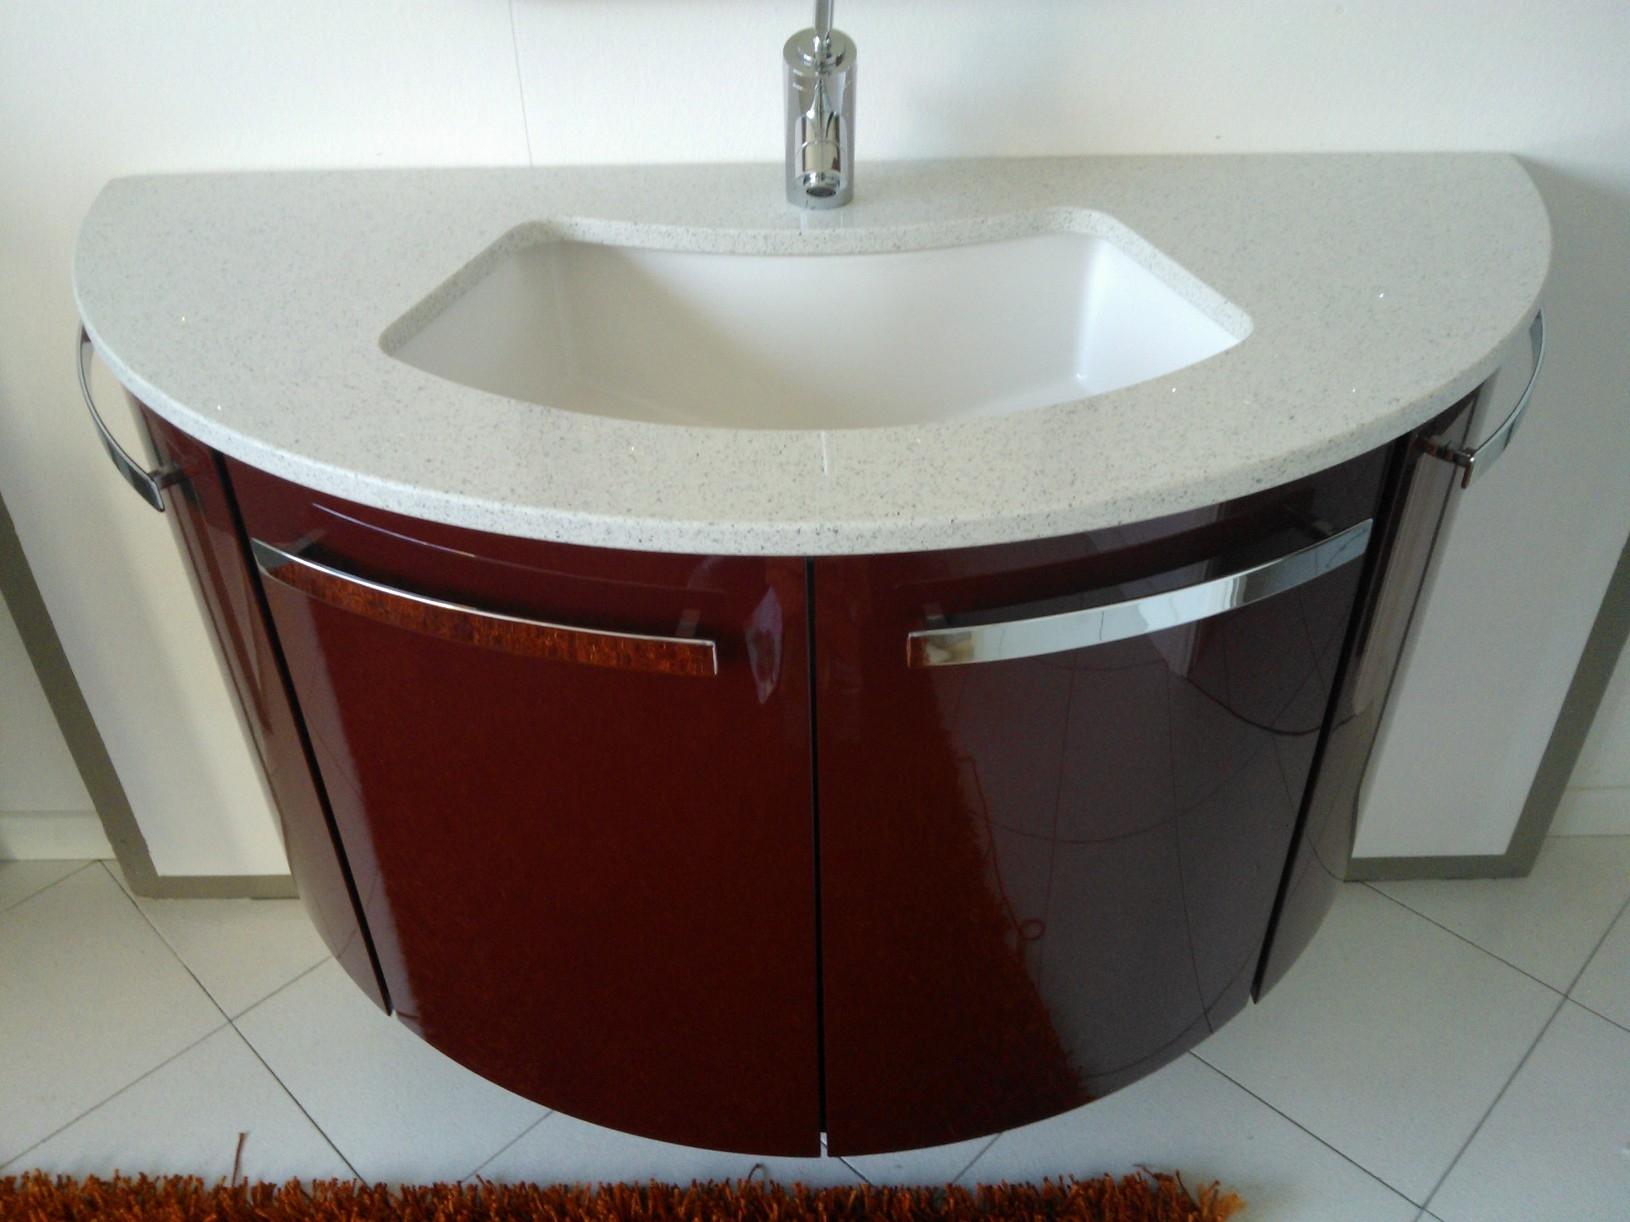 Bagno compab offerta arredo bagno a prezzi scontati for Prezzi arredo bagno